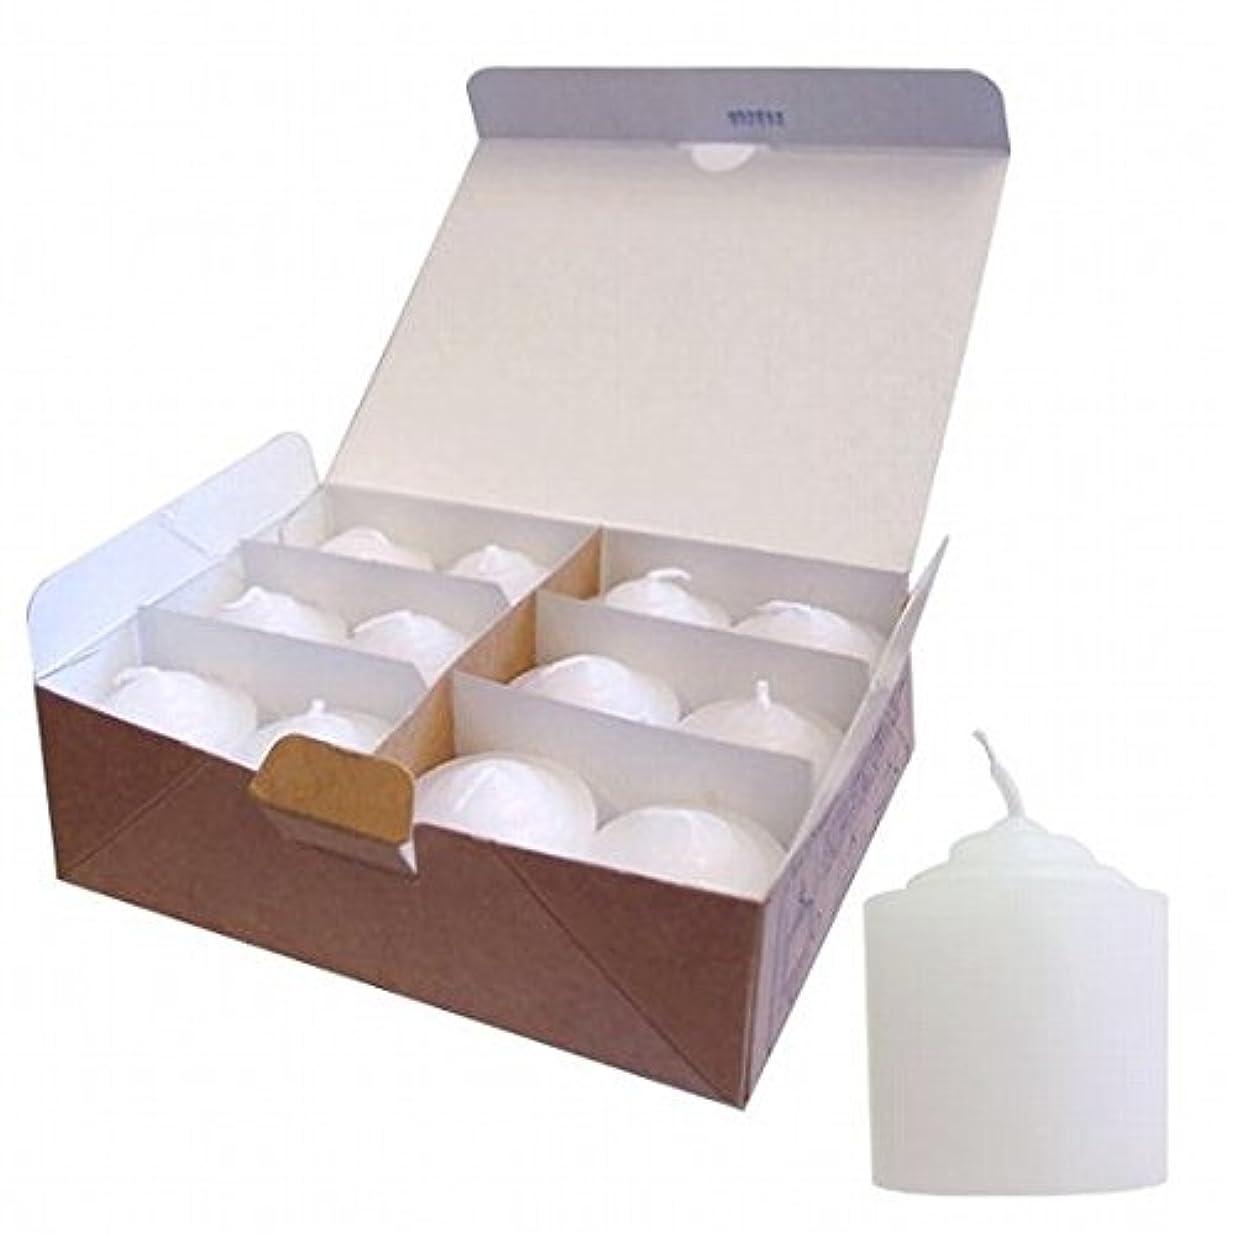 降臨タイル宣伝kameyama candle(カメヤマキャンドル) 8Hライト(8時間タイプ)12個入り(77960088)